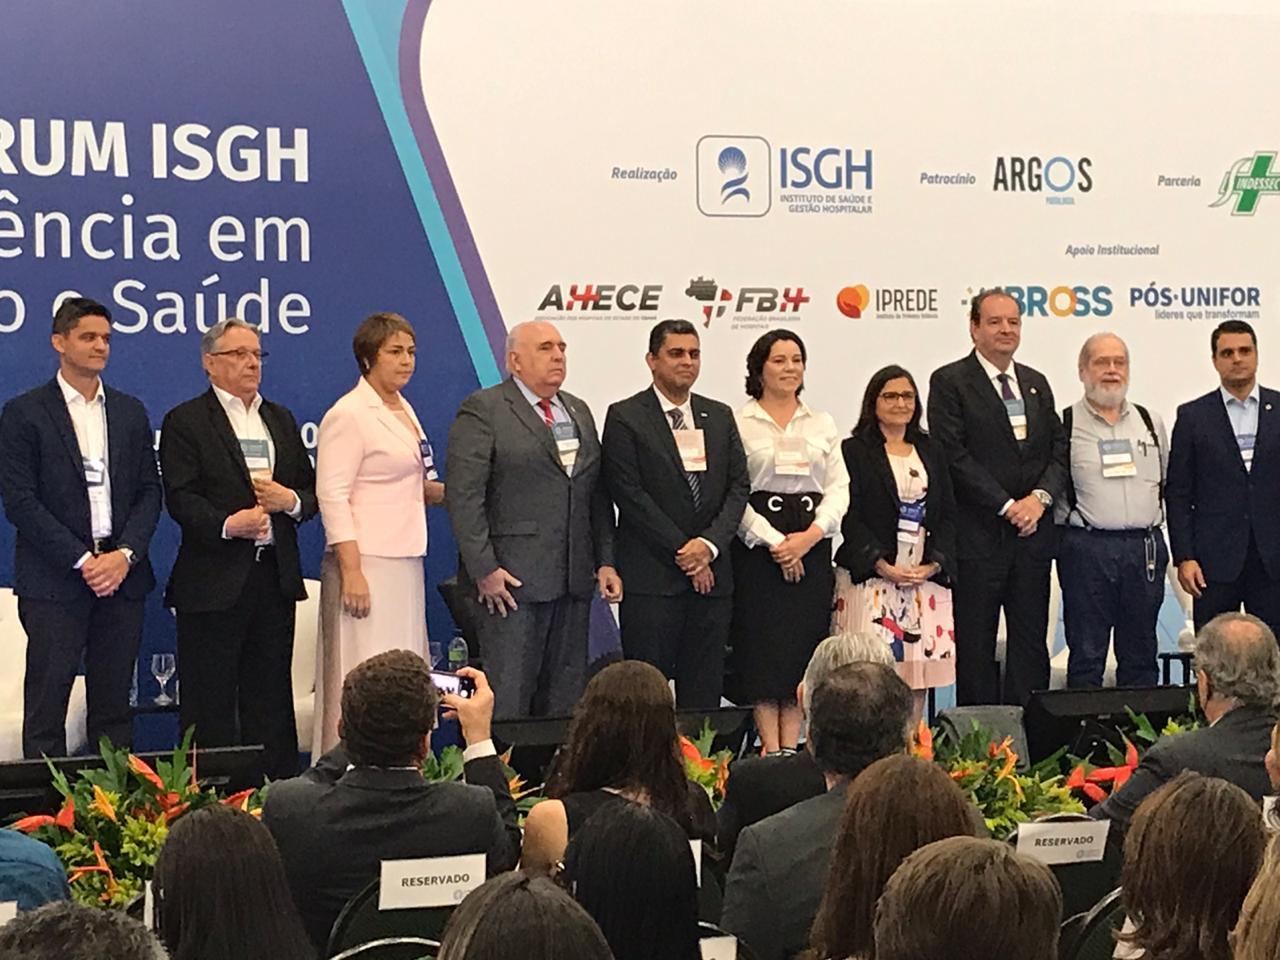 IIIFórum ISGH Excelência em Gestão e Saúde acontece hoje e amanhã